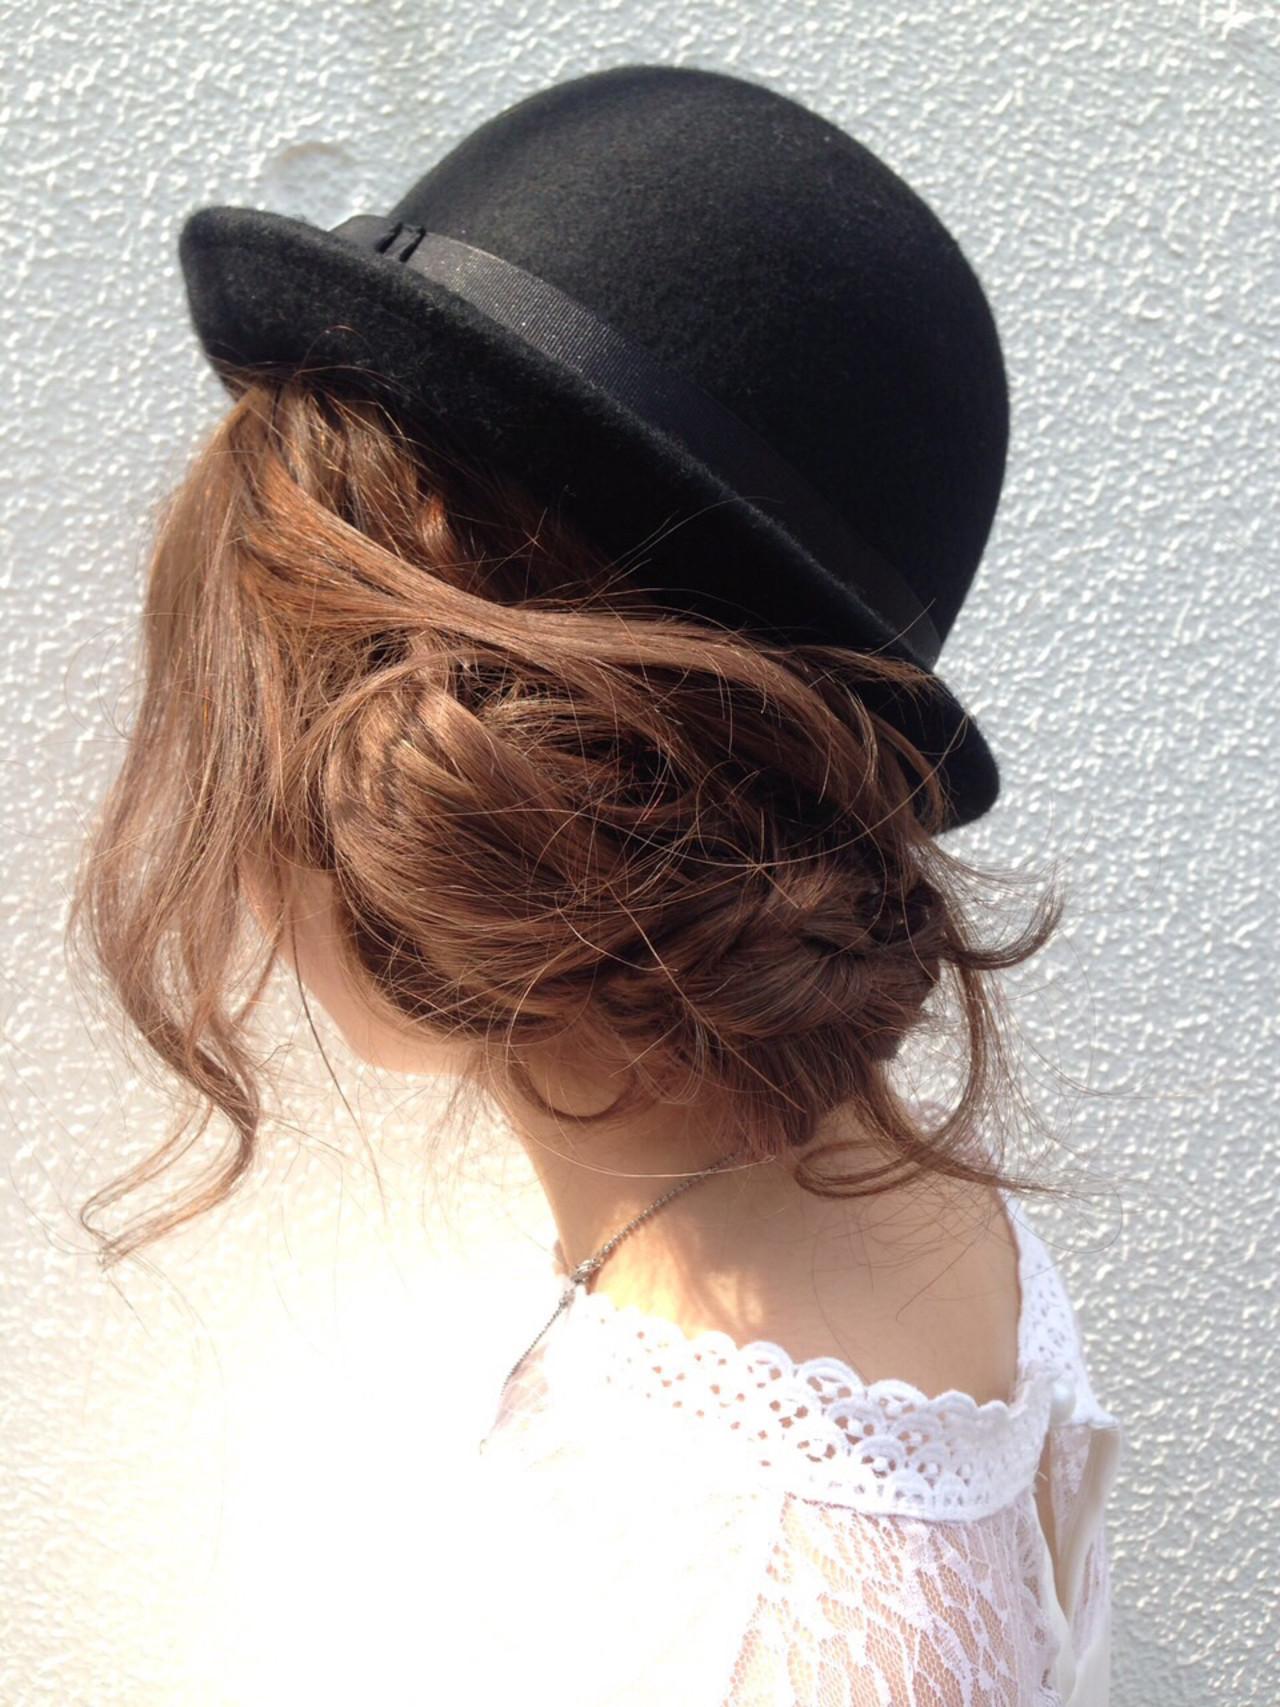 アッシュ ゆるふわ 外国人風 外国人風カラー ヘアスタイルや髪型の写真・画像 | C-ZONE FBeauty村山 武 / C-ZONE by FBeauty